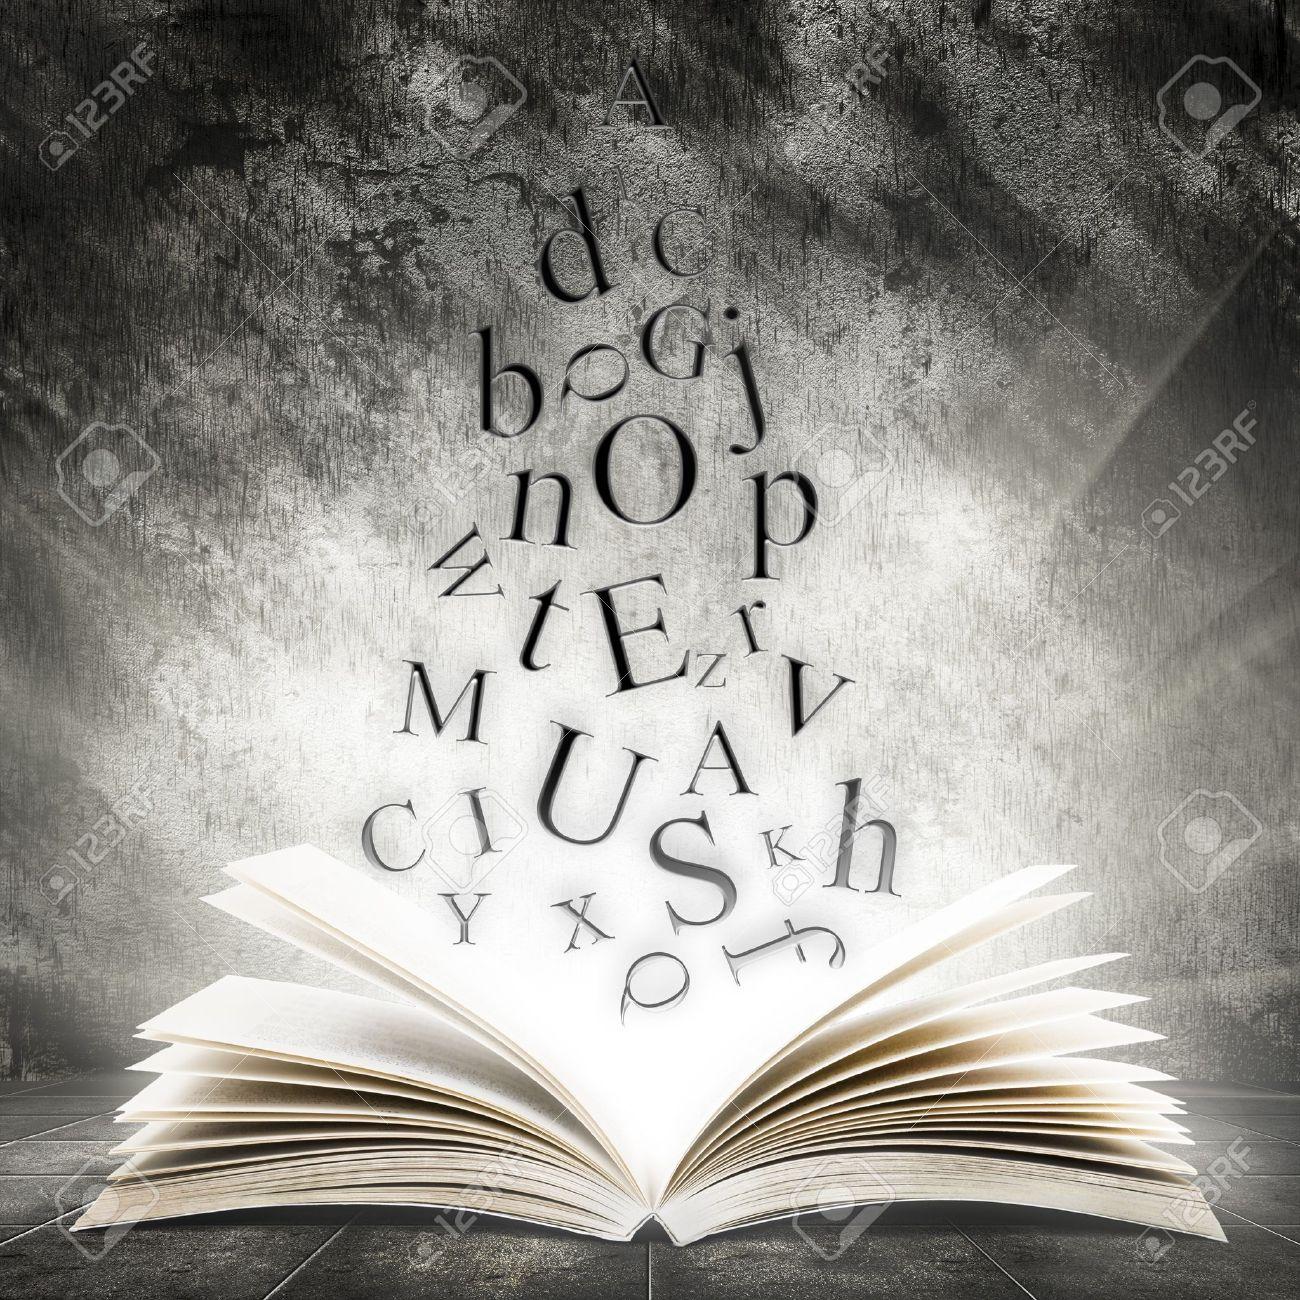 17665598-Vieux-livre-ouvert-avec-la-lumi-re-magique-et-lettres-qui-tombent-sur-un-fond-sombre-abstraite-Banque-d'images.jpg